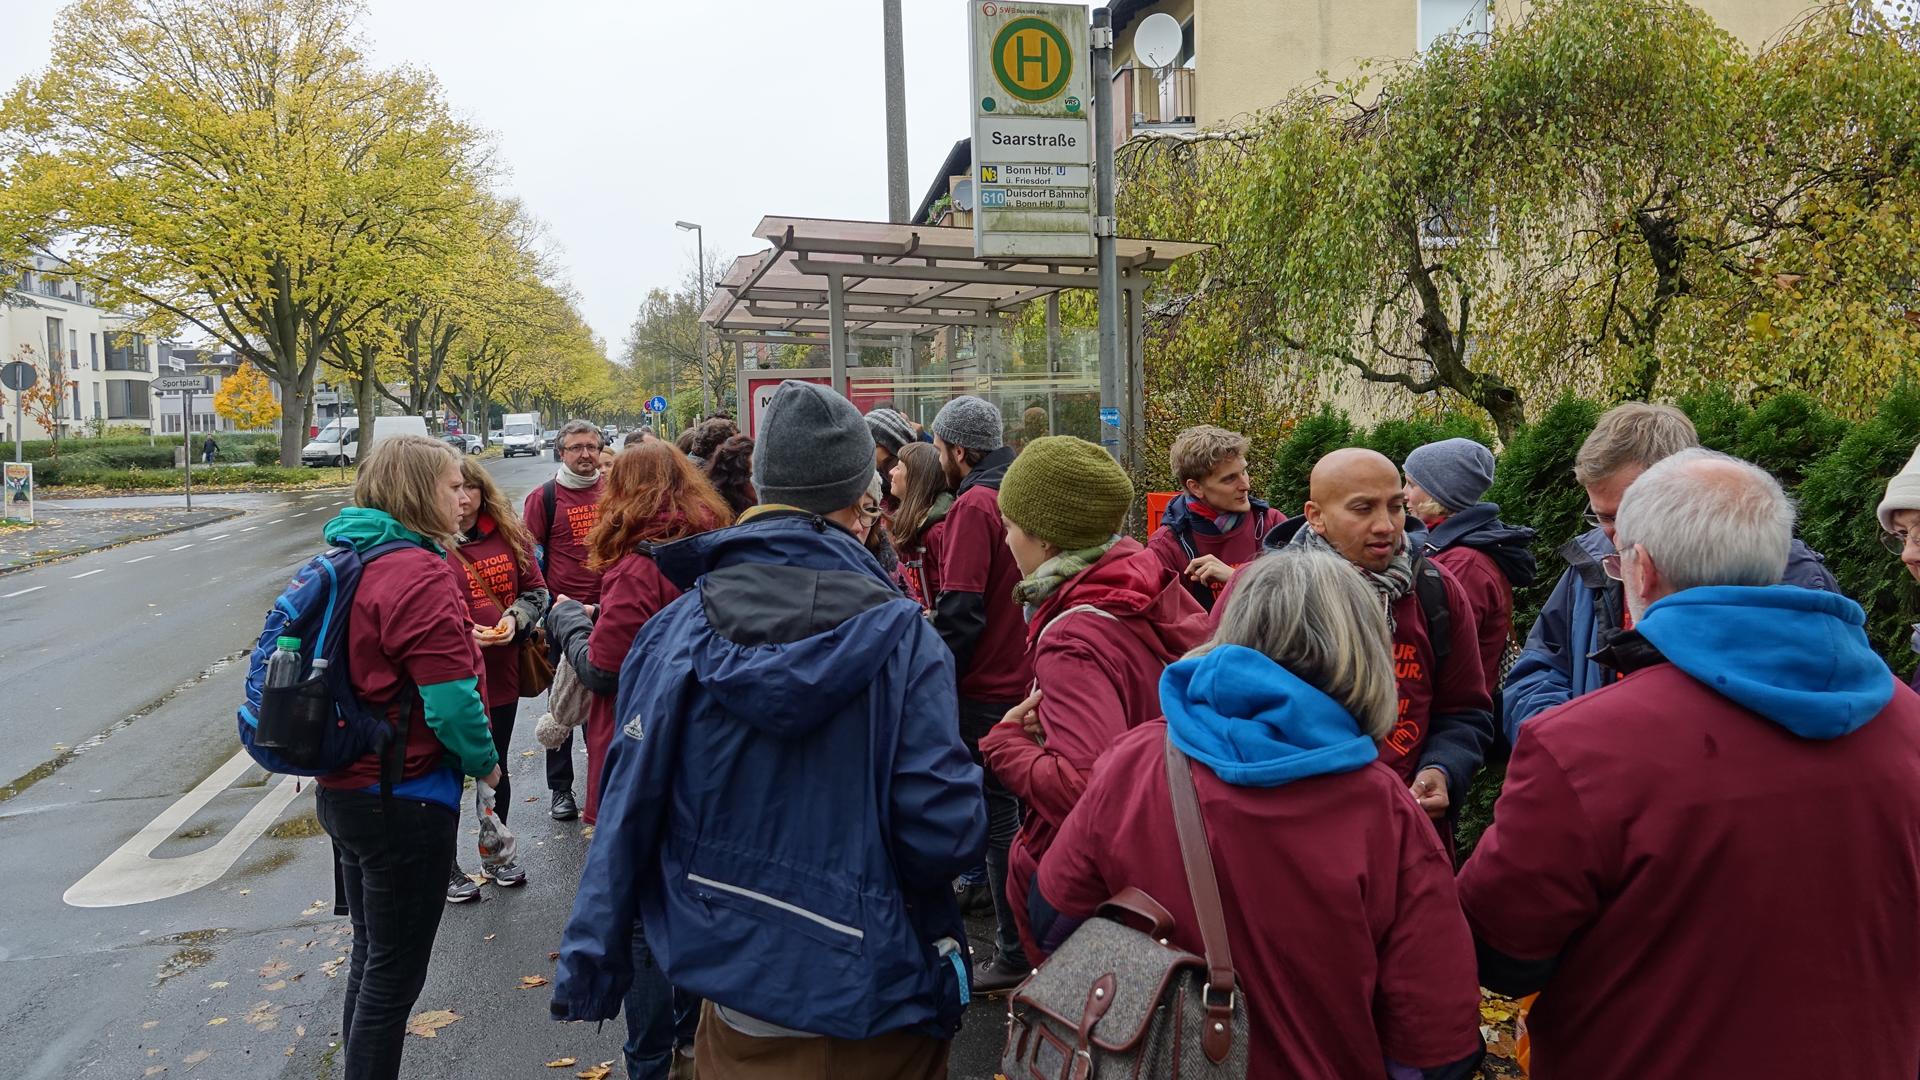 An der Bushaltestelle Saarstraße lassen sich die Umweltschützer nicht von einem vorerst ausbleibenden Bus entmutigen